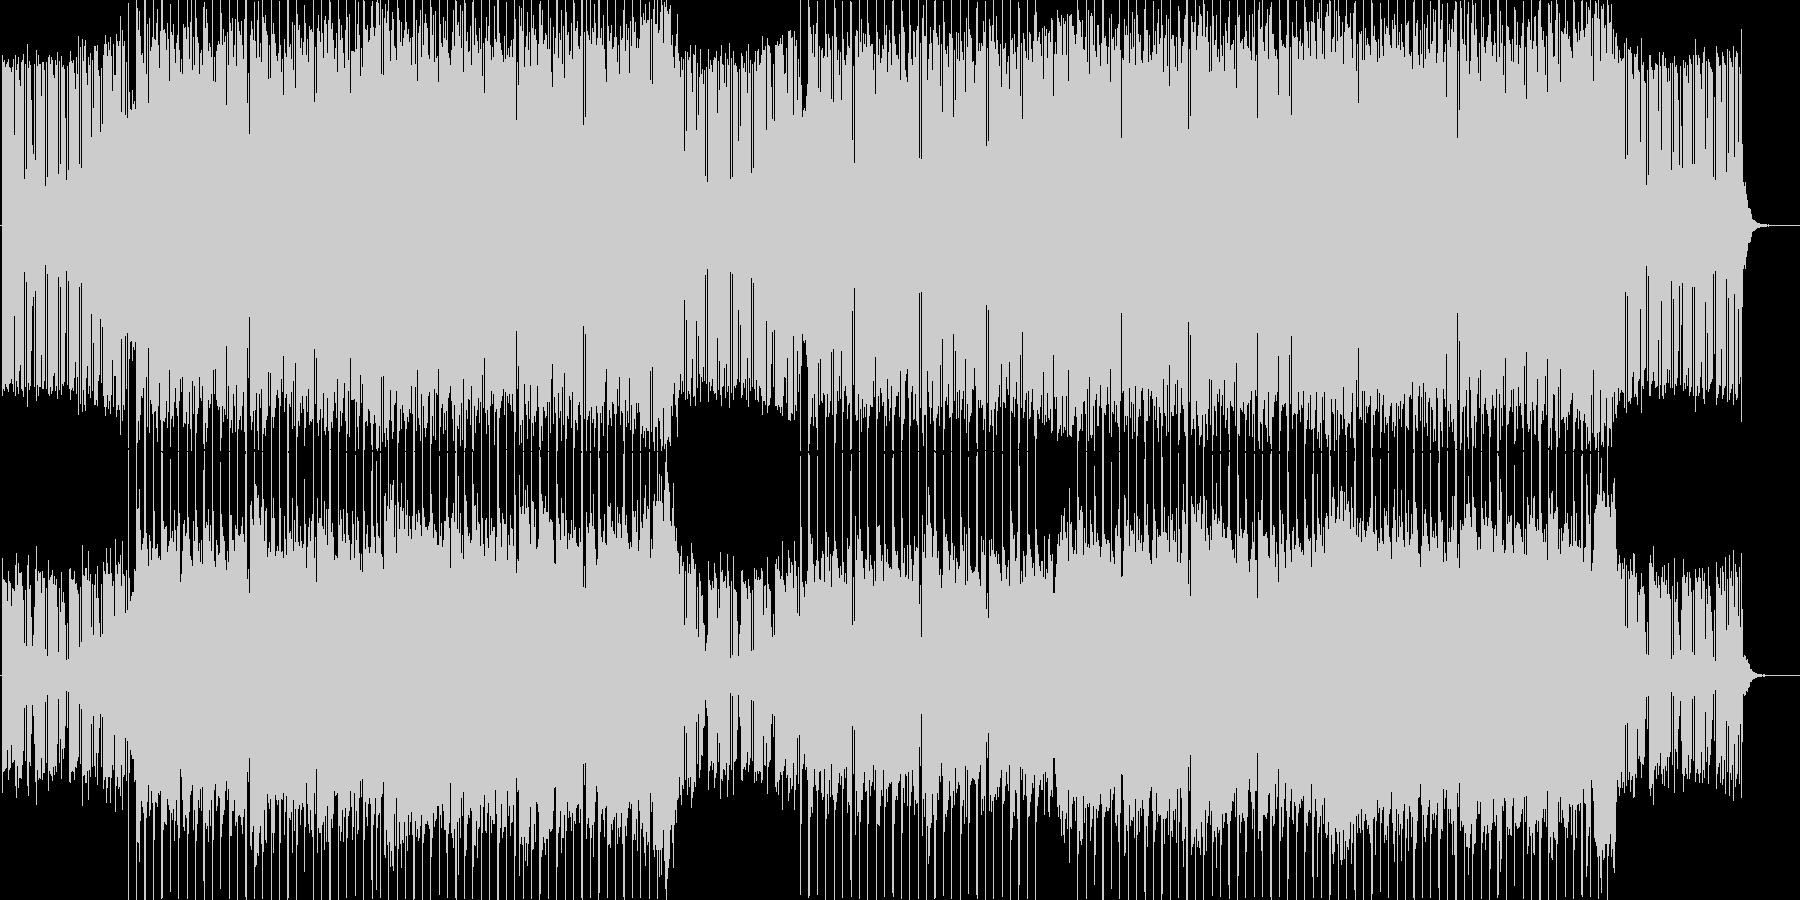 ポップ&アップビートなエレクトロニック♪の未再生の波形